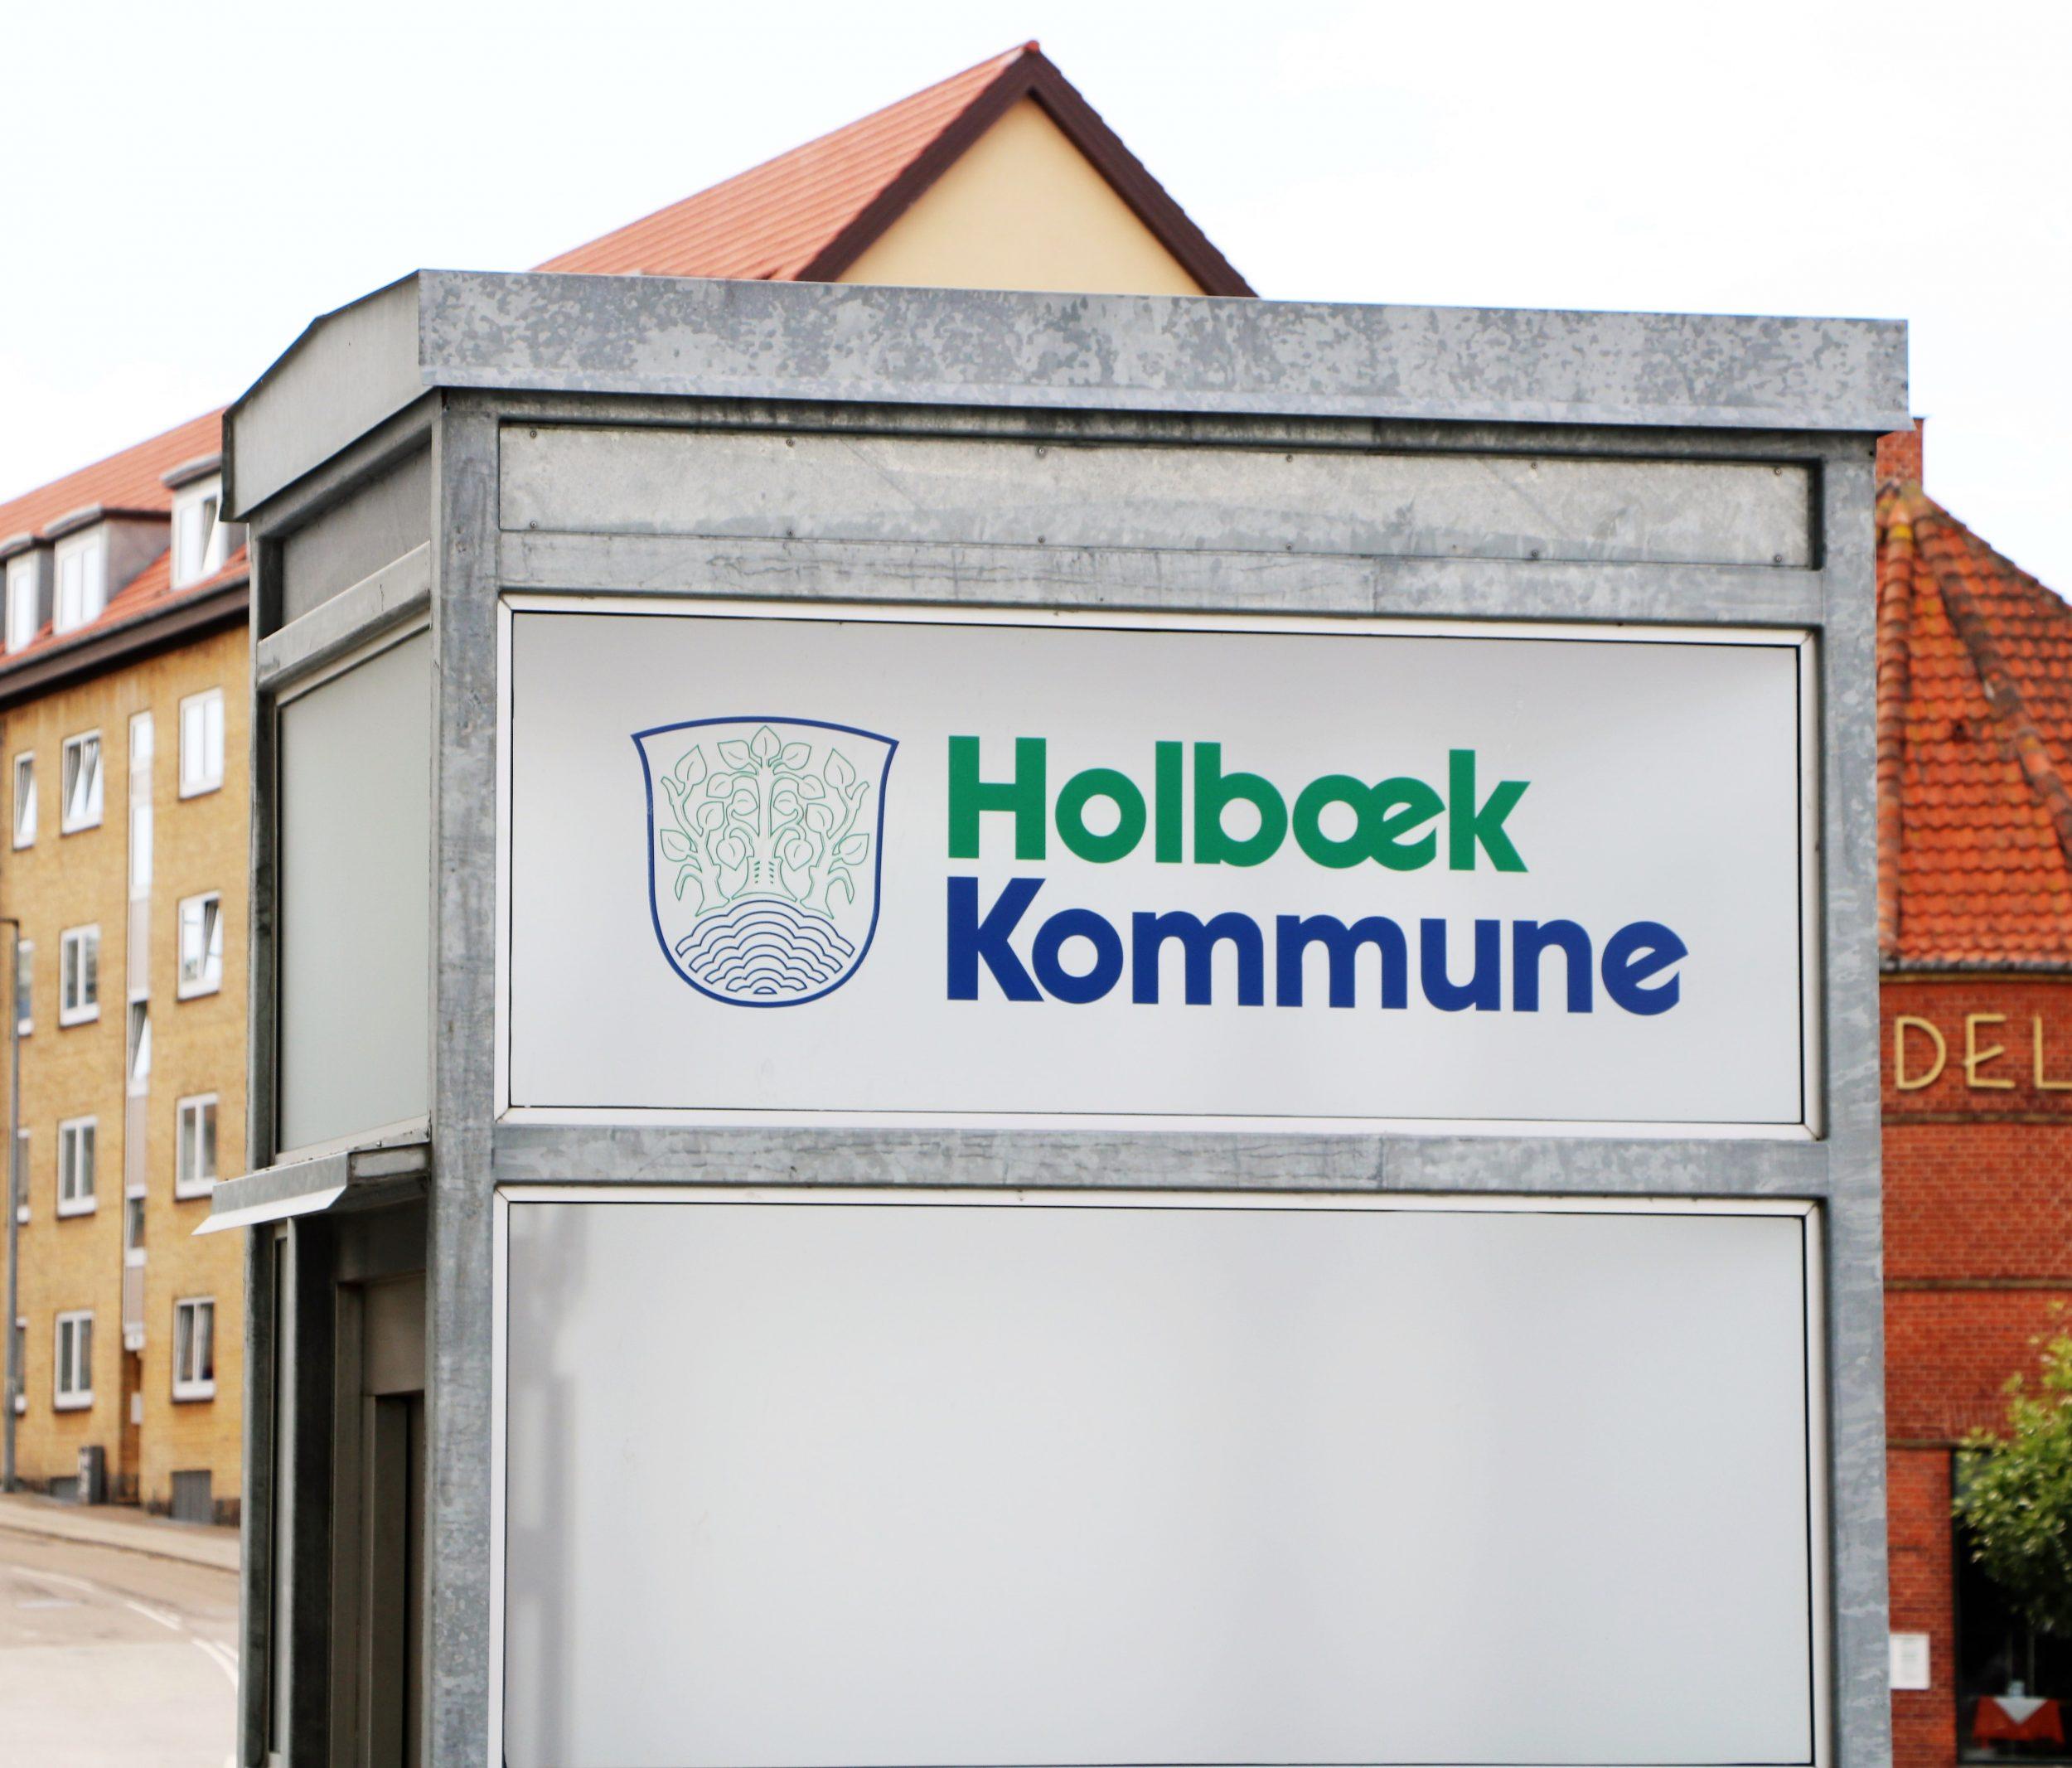 De kommunale personbiler skal være grønne i Holbæk